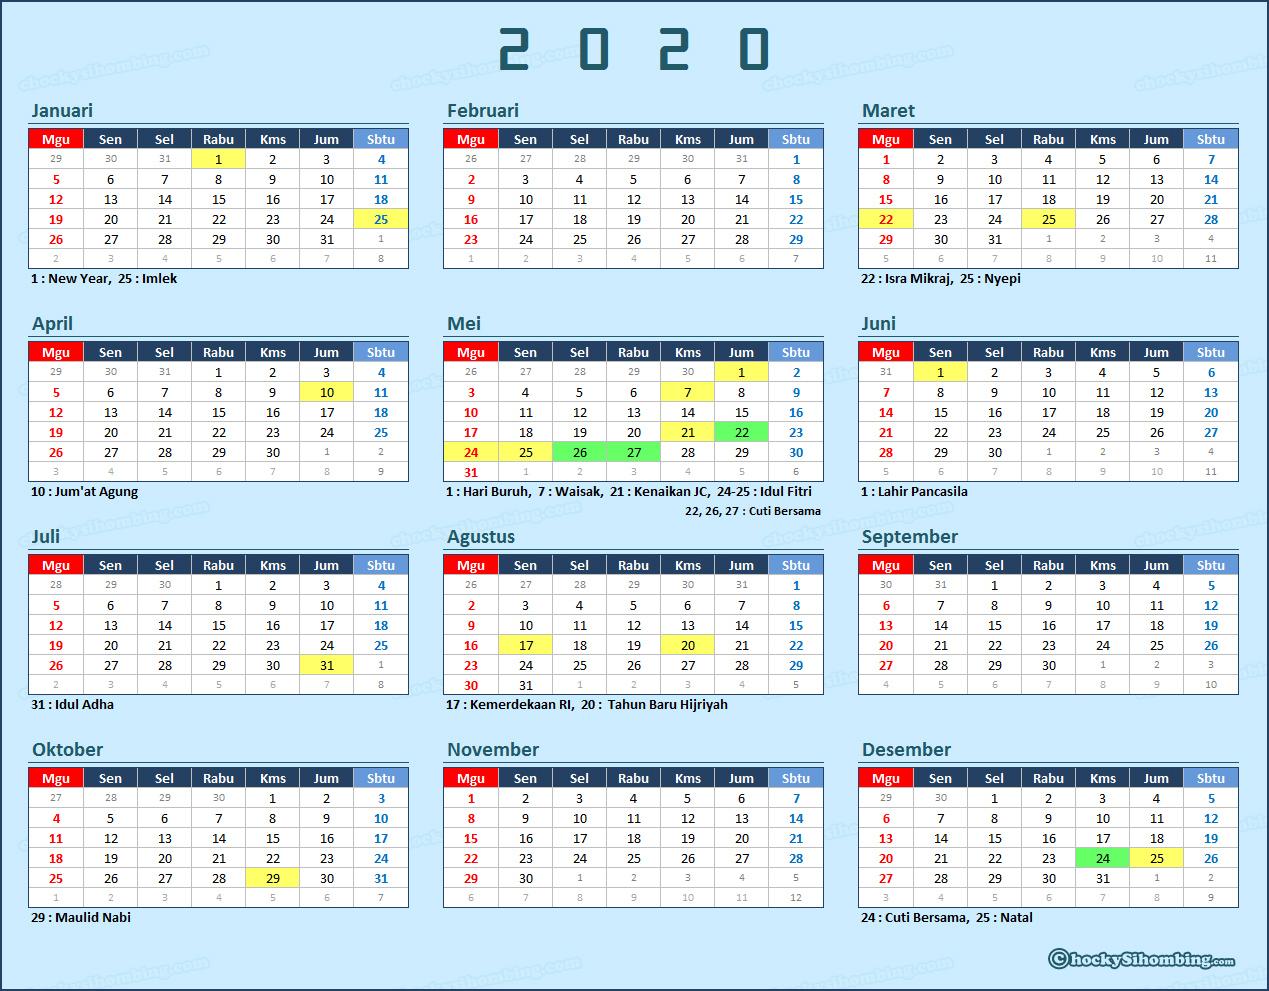 Kalender dan Libur Nasional 2020 | Chocky Sihombing